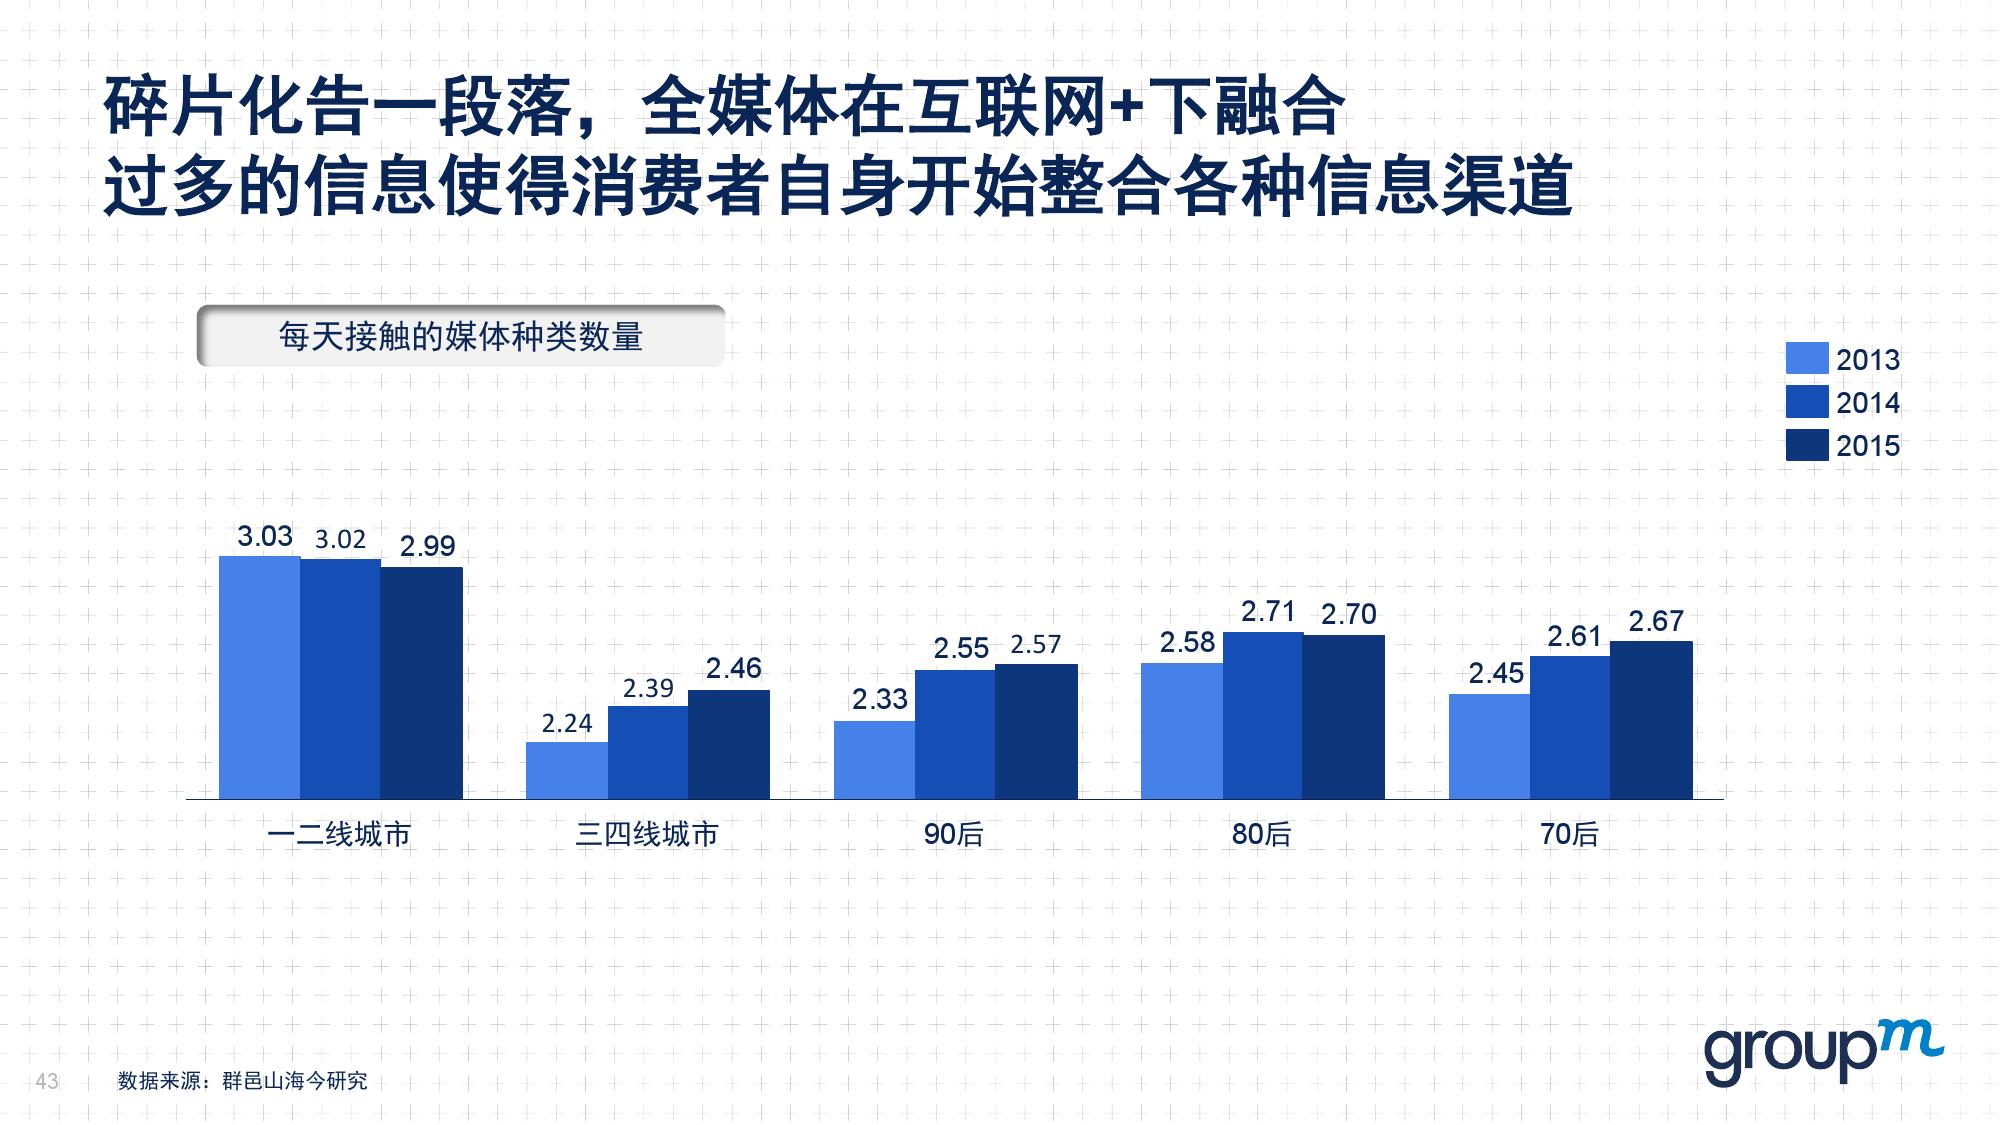 赢在中国2016:从需求刺激转向供给侧改革_000043